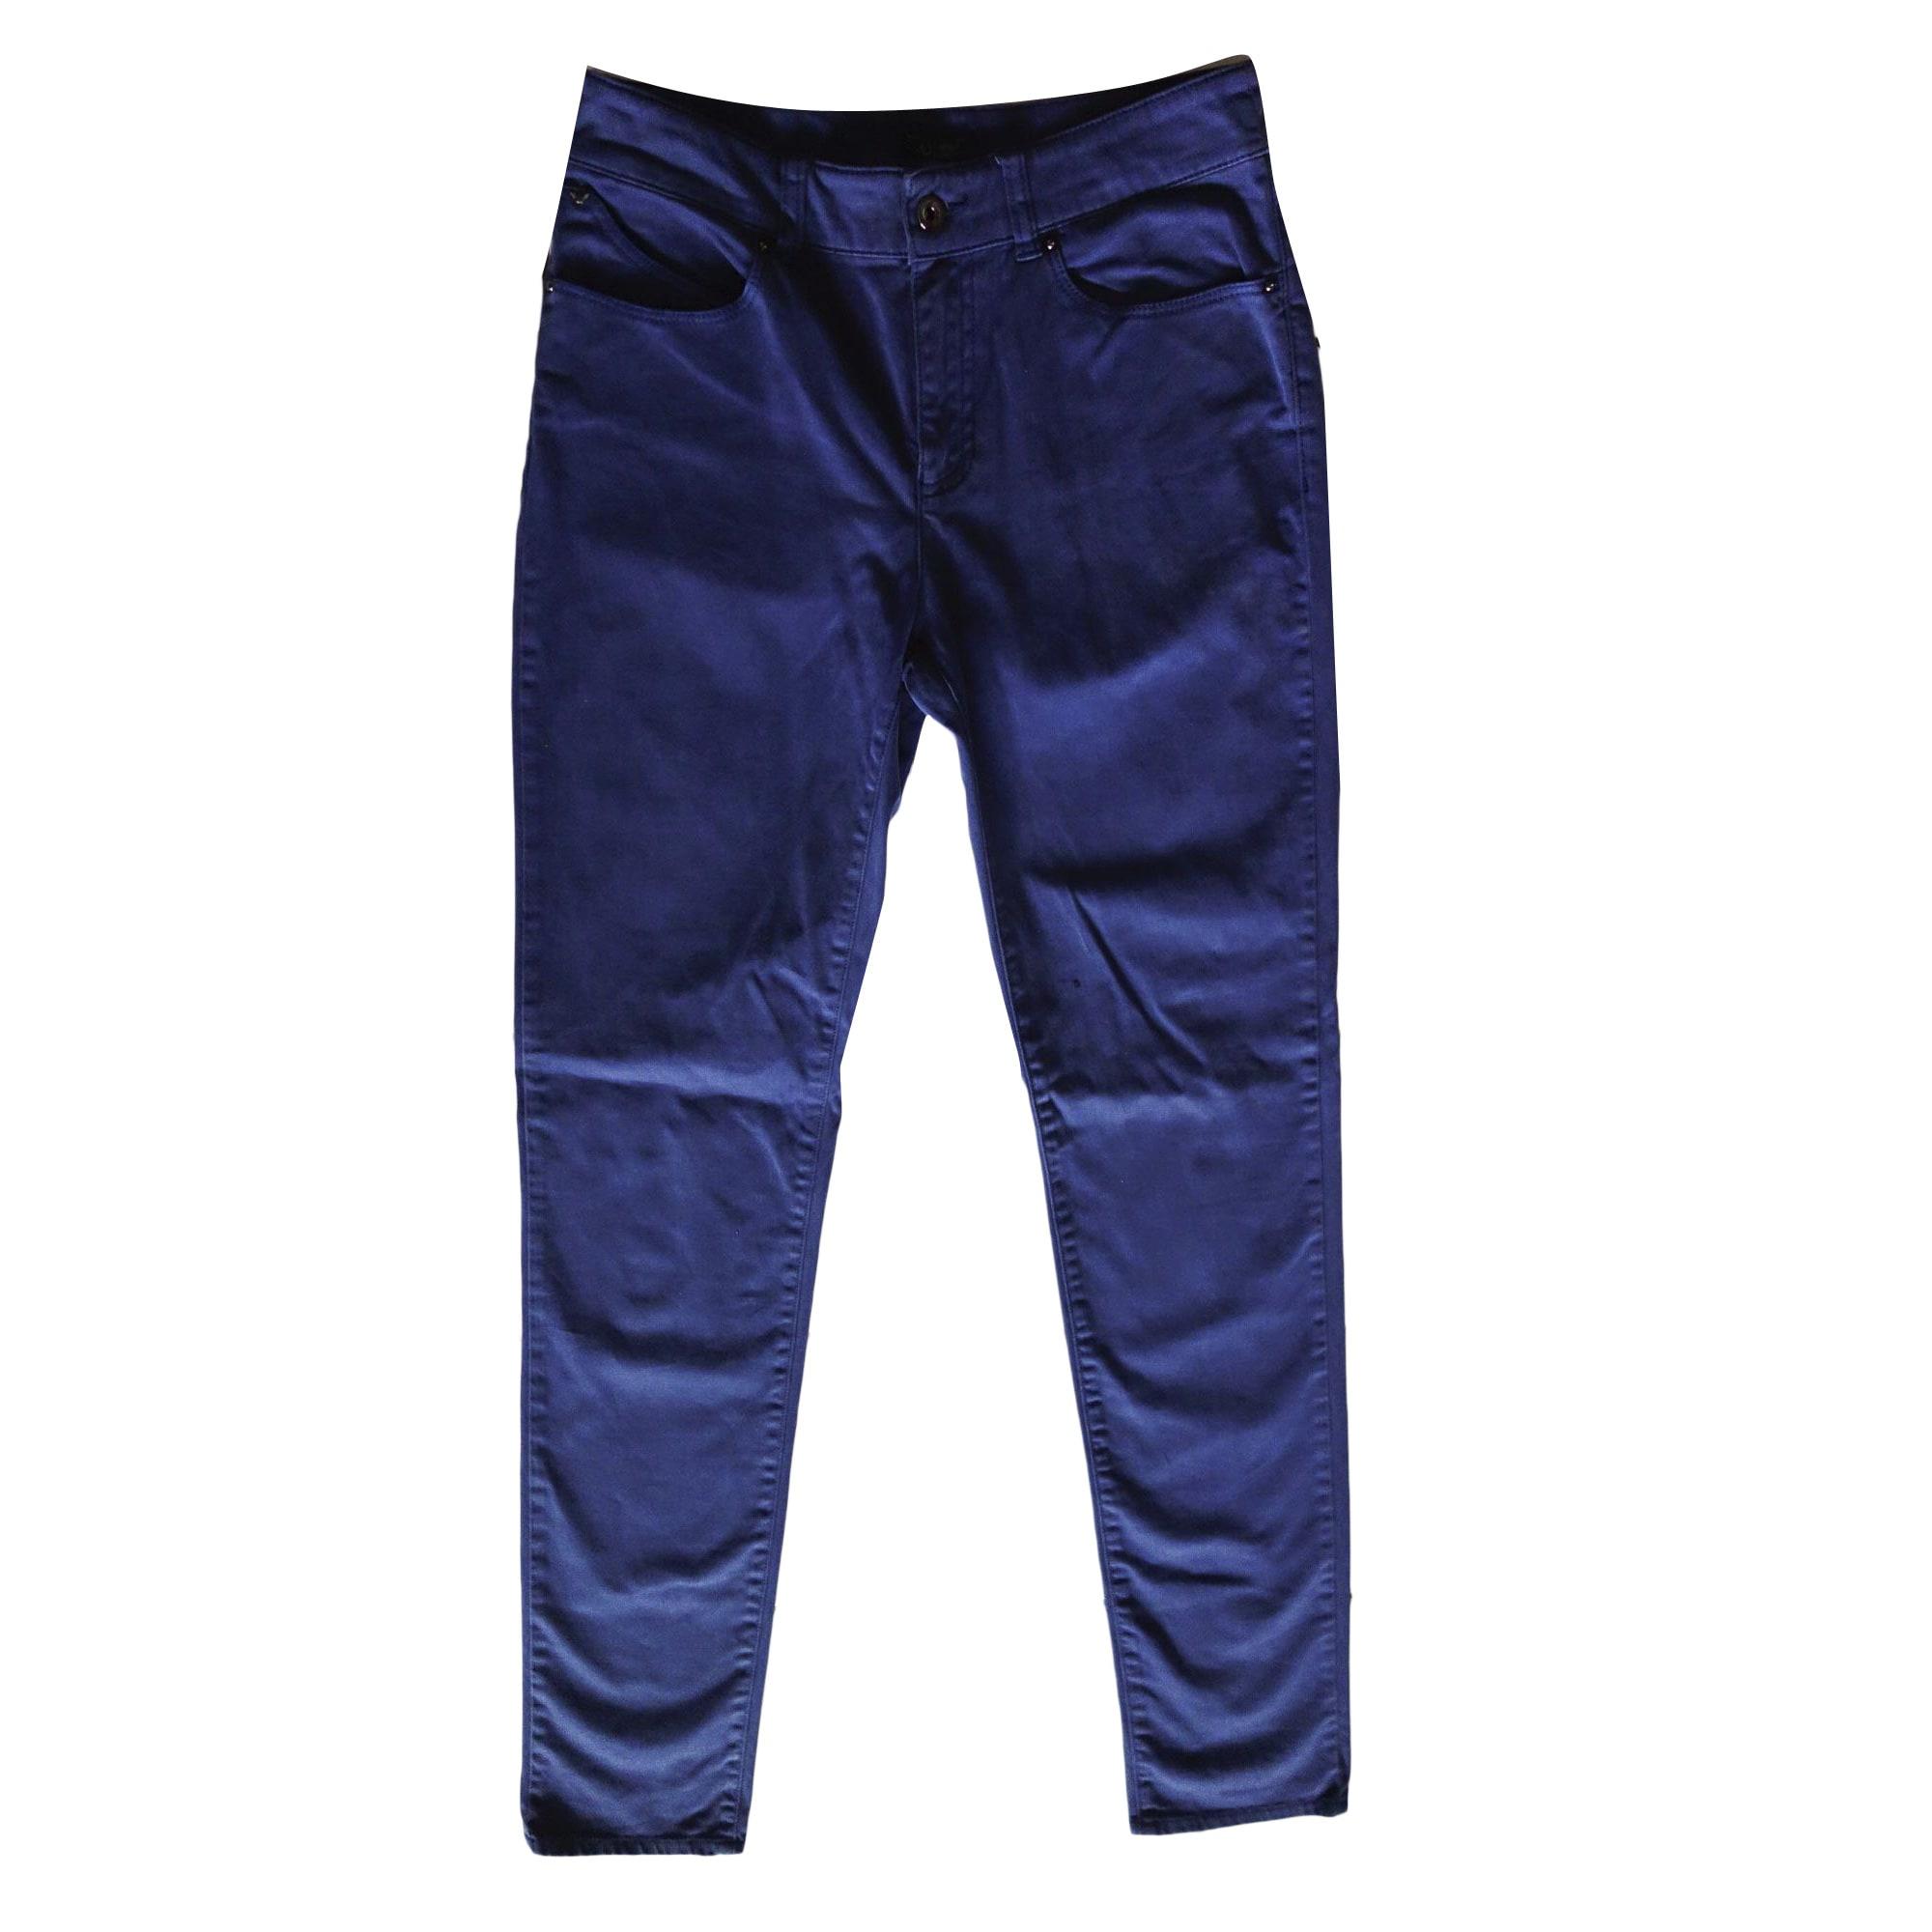 Jeans slim ARMANI JEANS Bleu, bleu marine, bleu turquoise